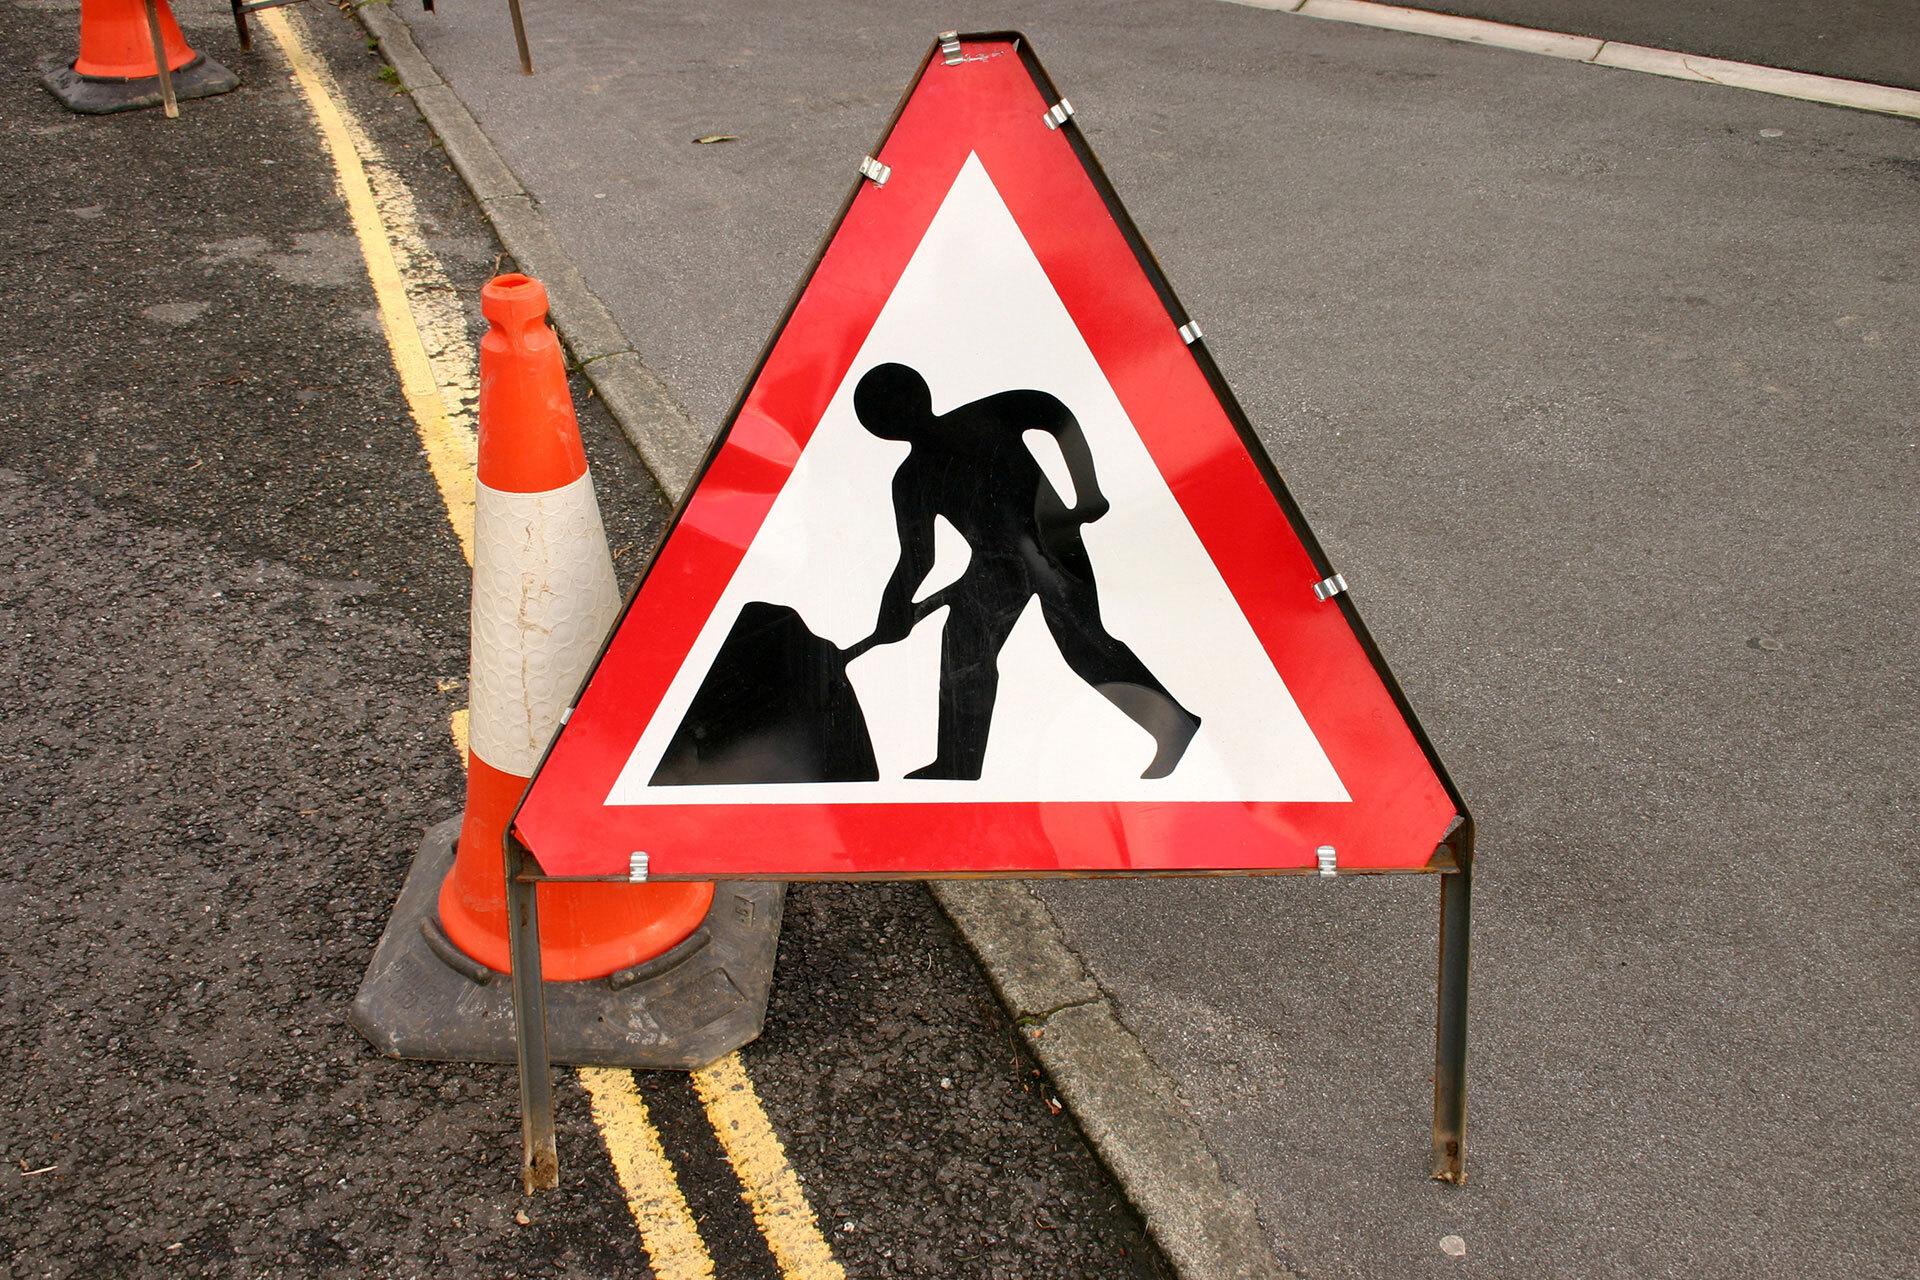 Road Signs & Road Markings